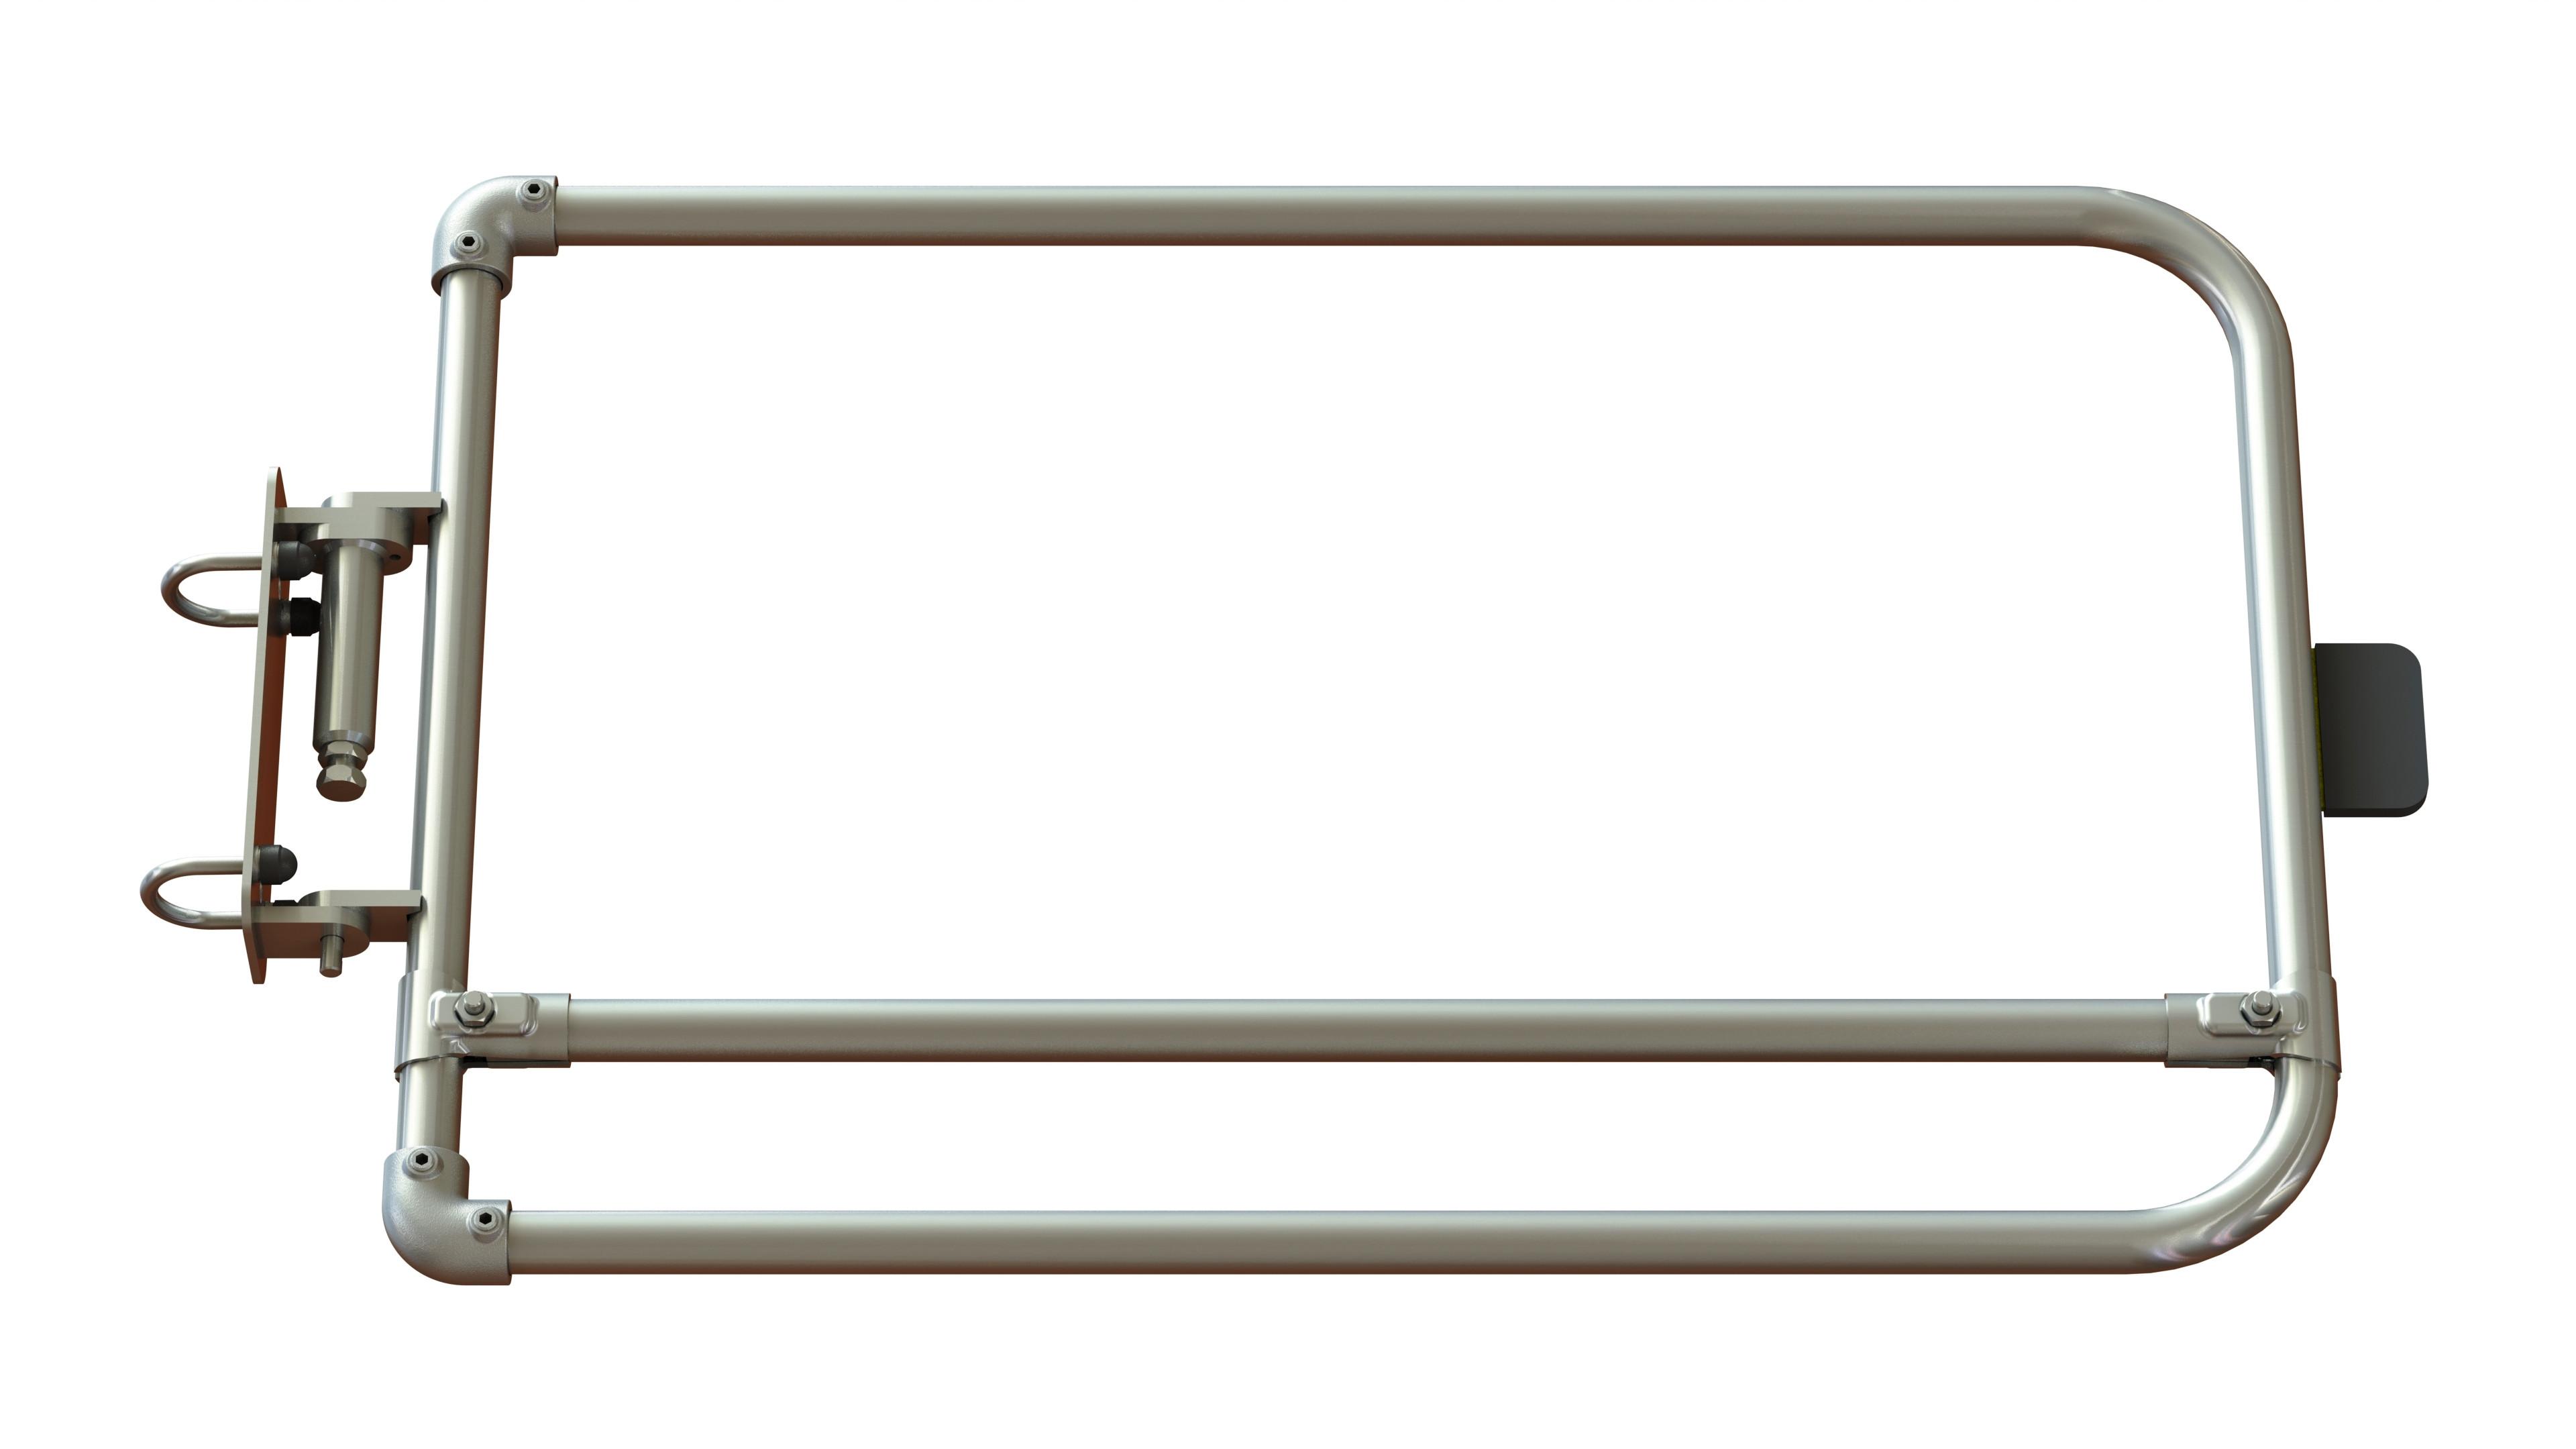 Self closing industrial safety gate - Galvanised steel